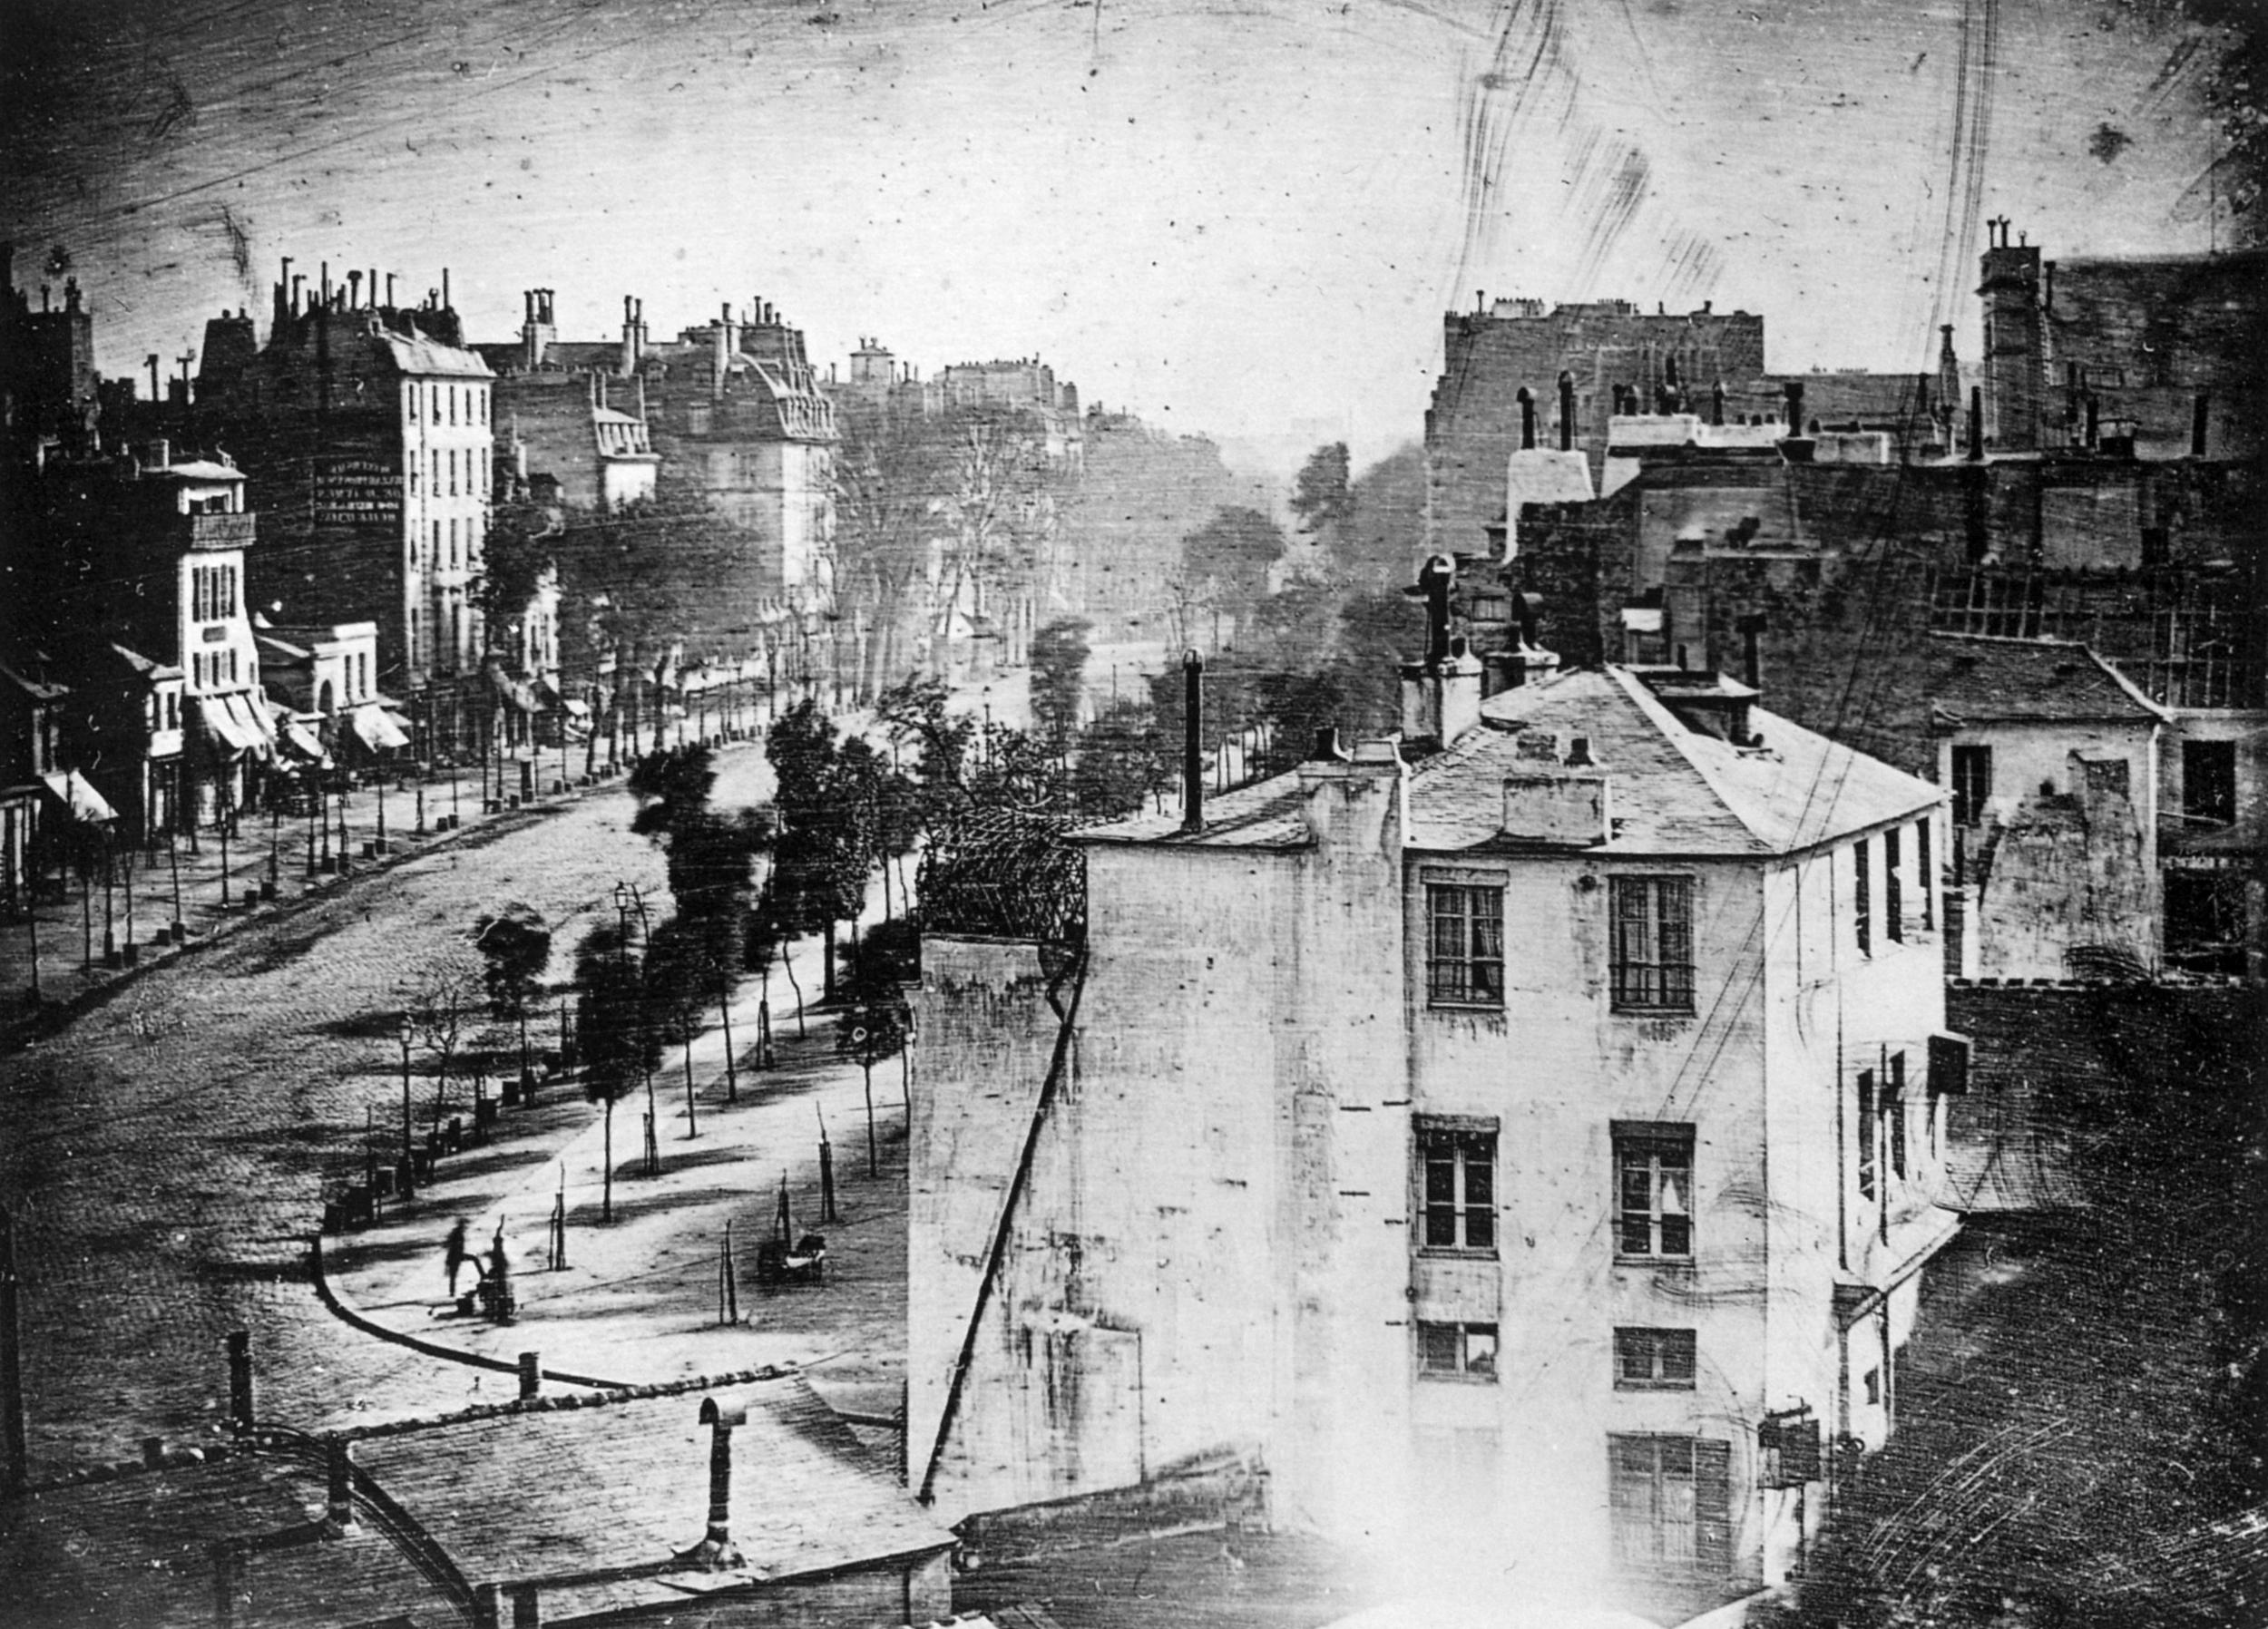 Boulevard du temple, Daguerre, 1838